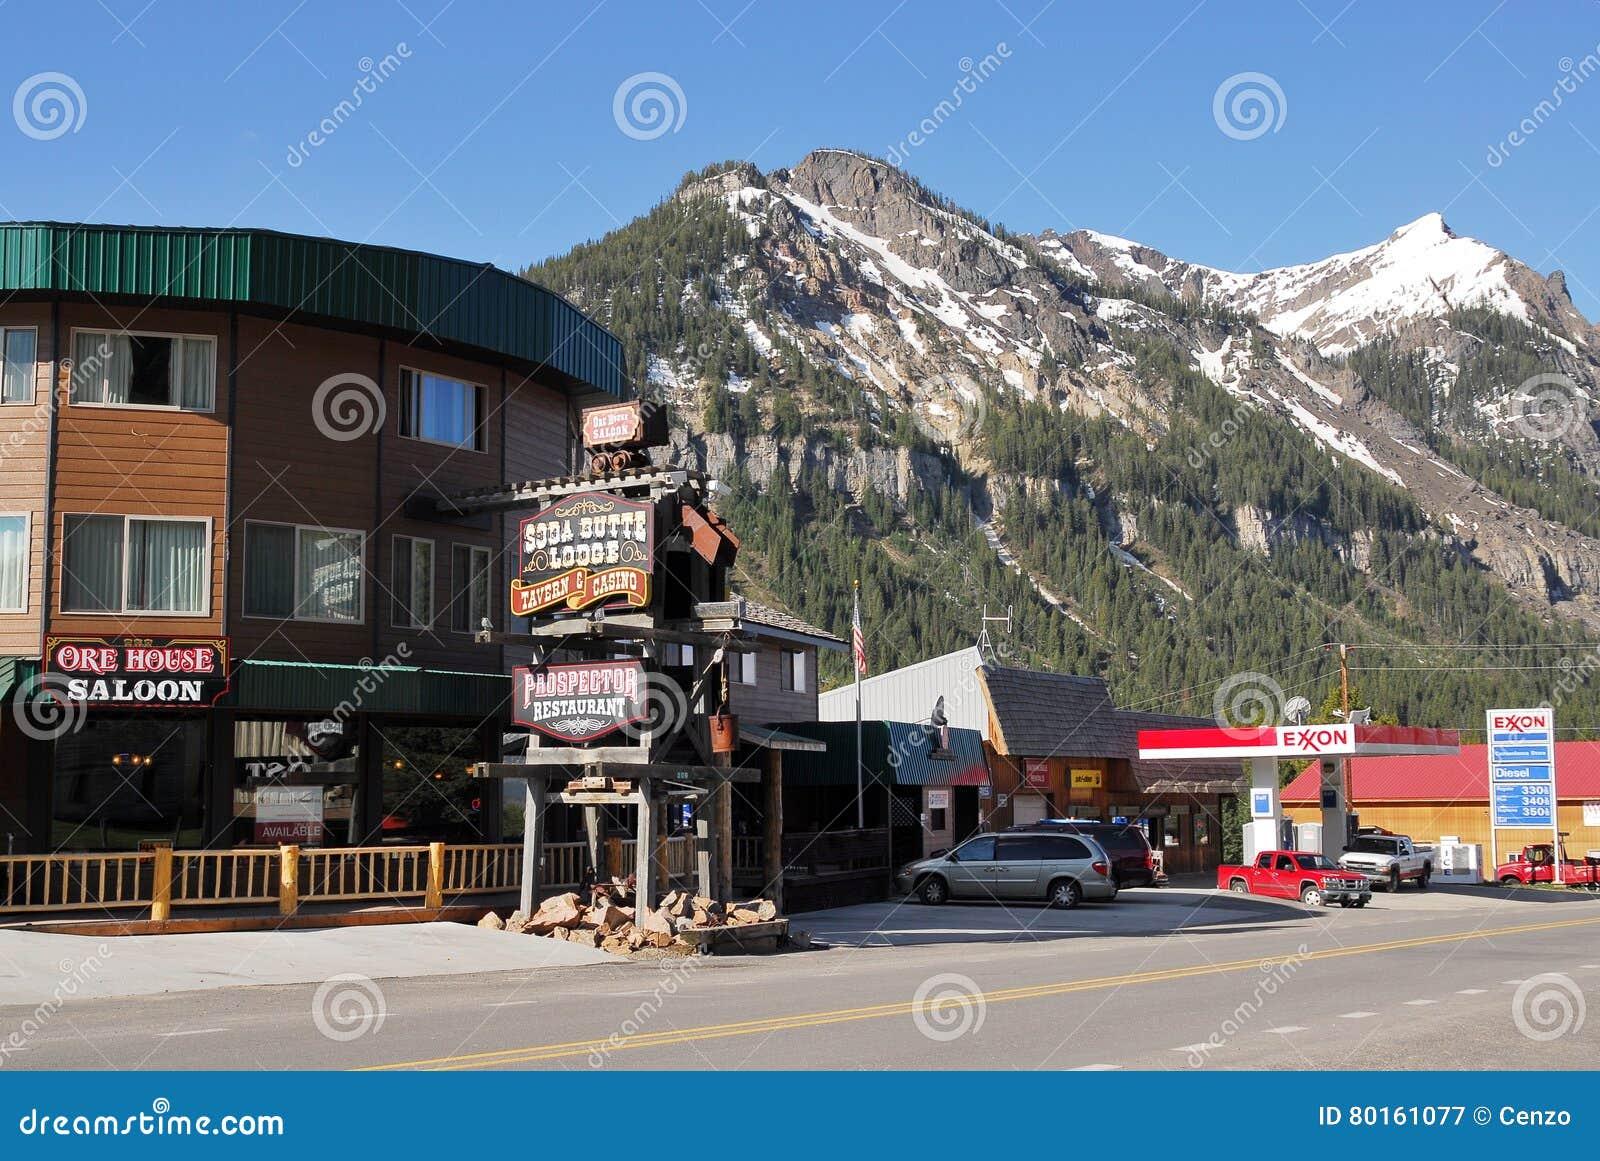 Cozinheiro City, parque nacional de Yellowstone, Montana